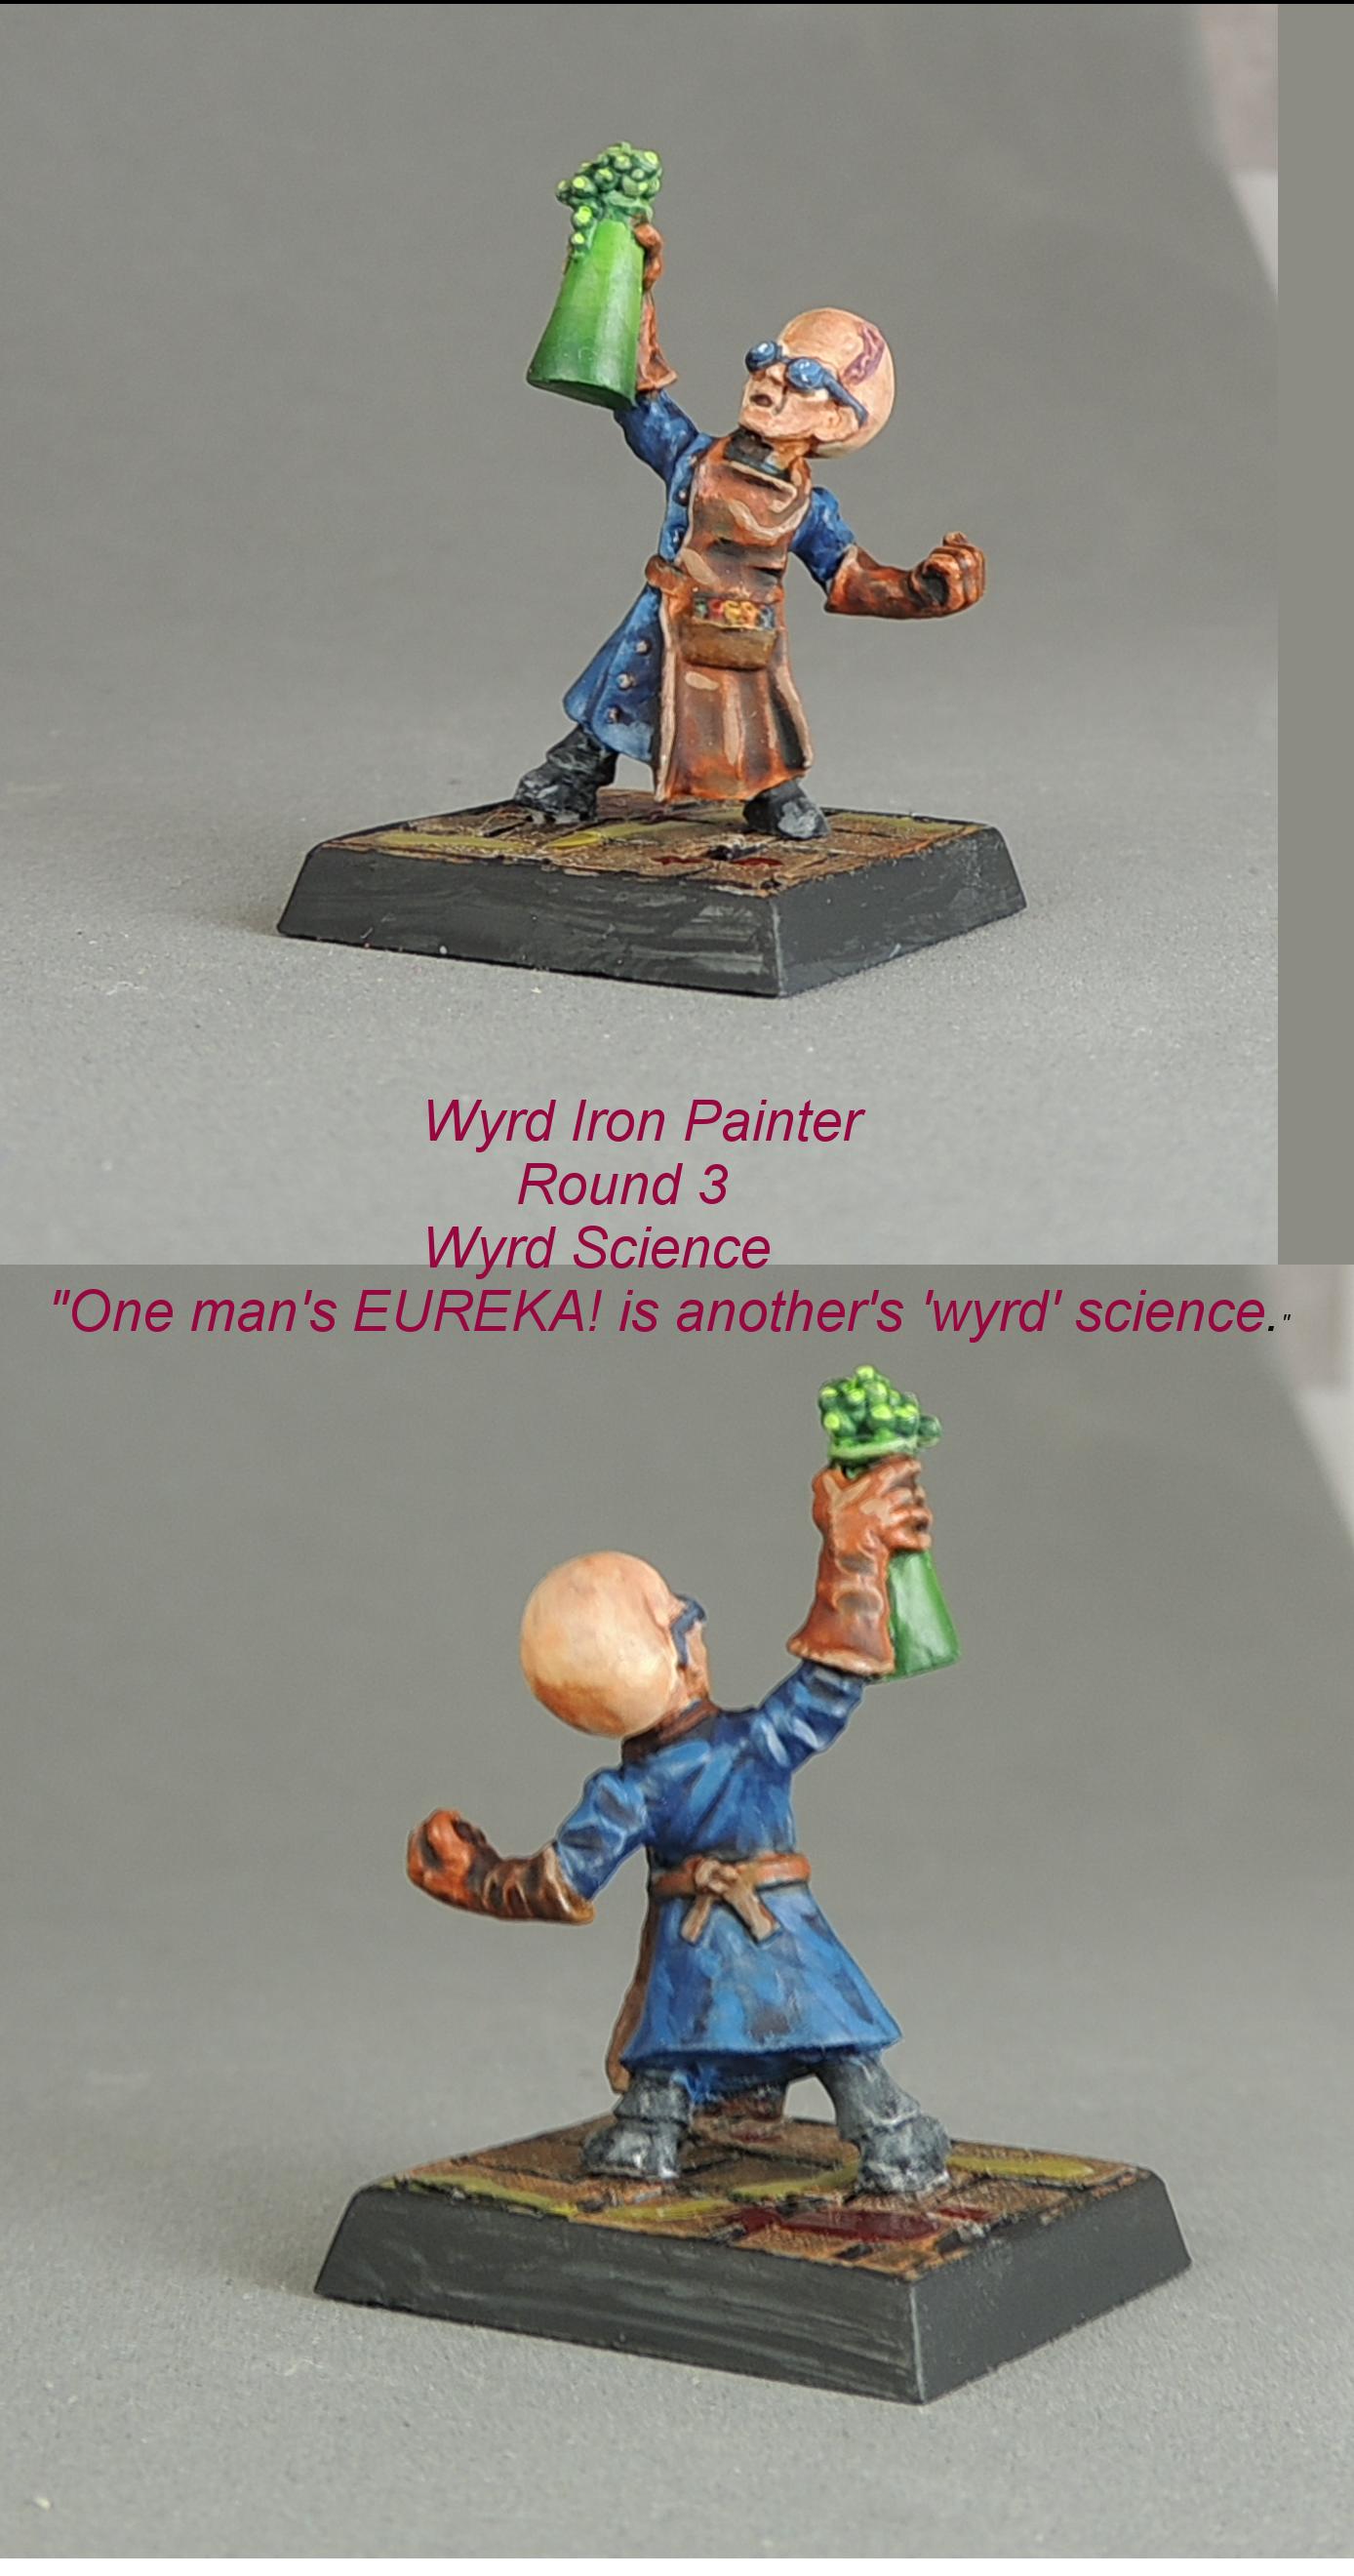 Wyrd Science